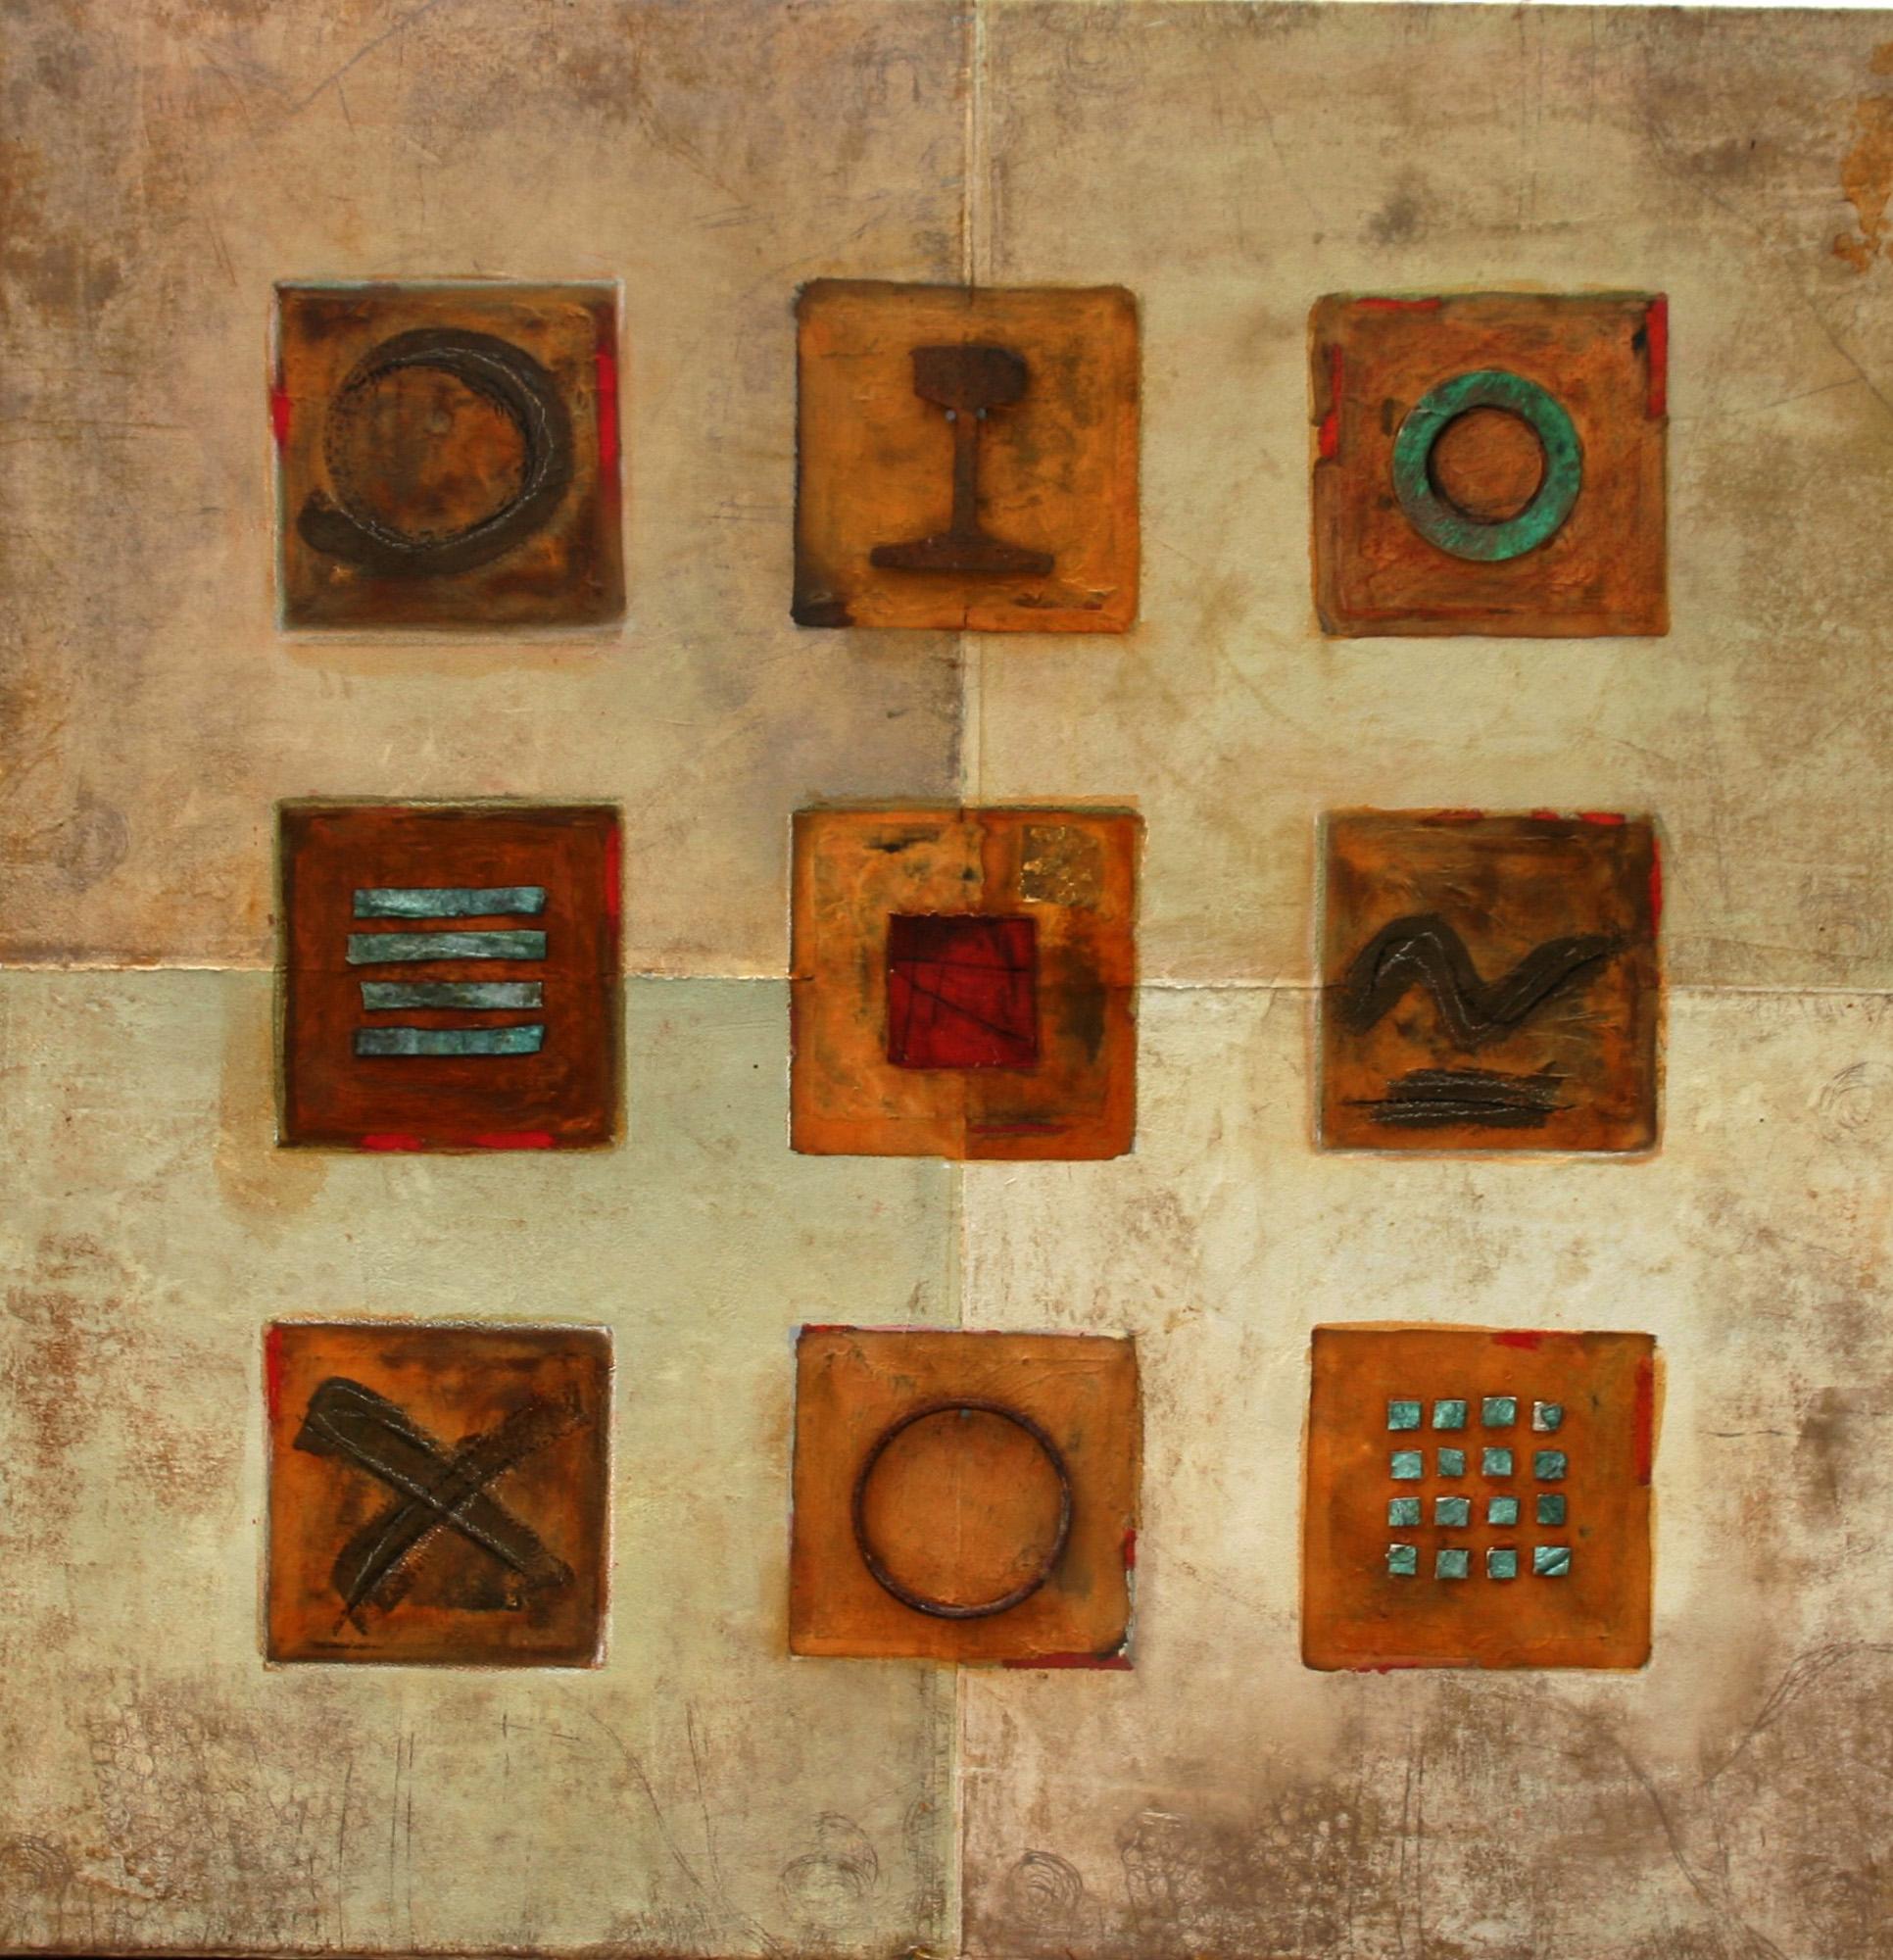 Les 9 portes, 2004, Peinture 100x100cm